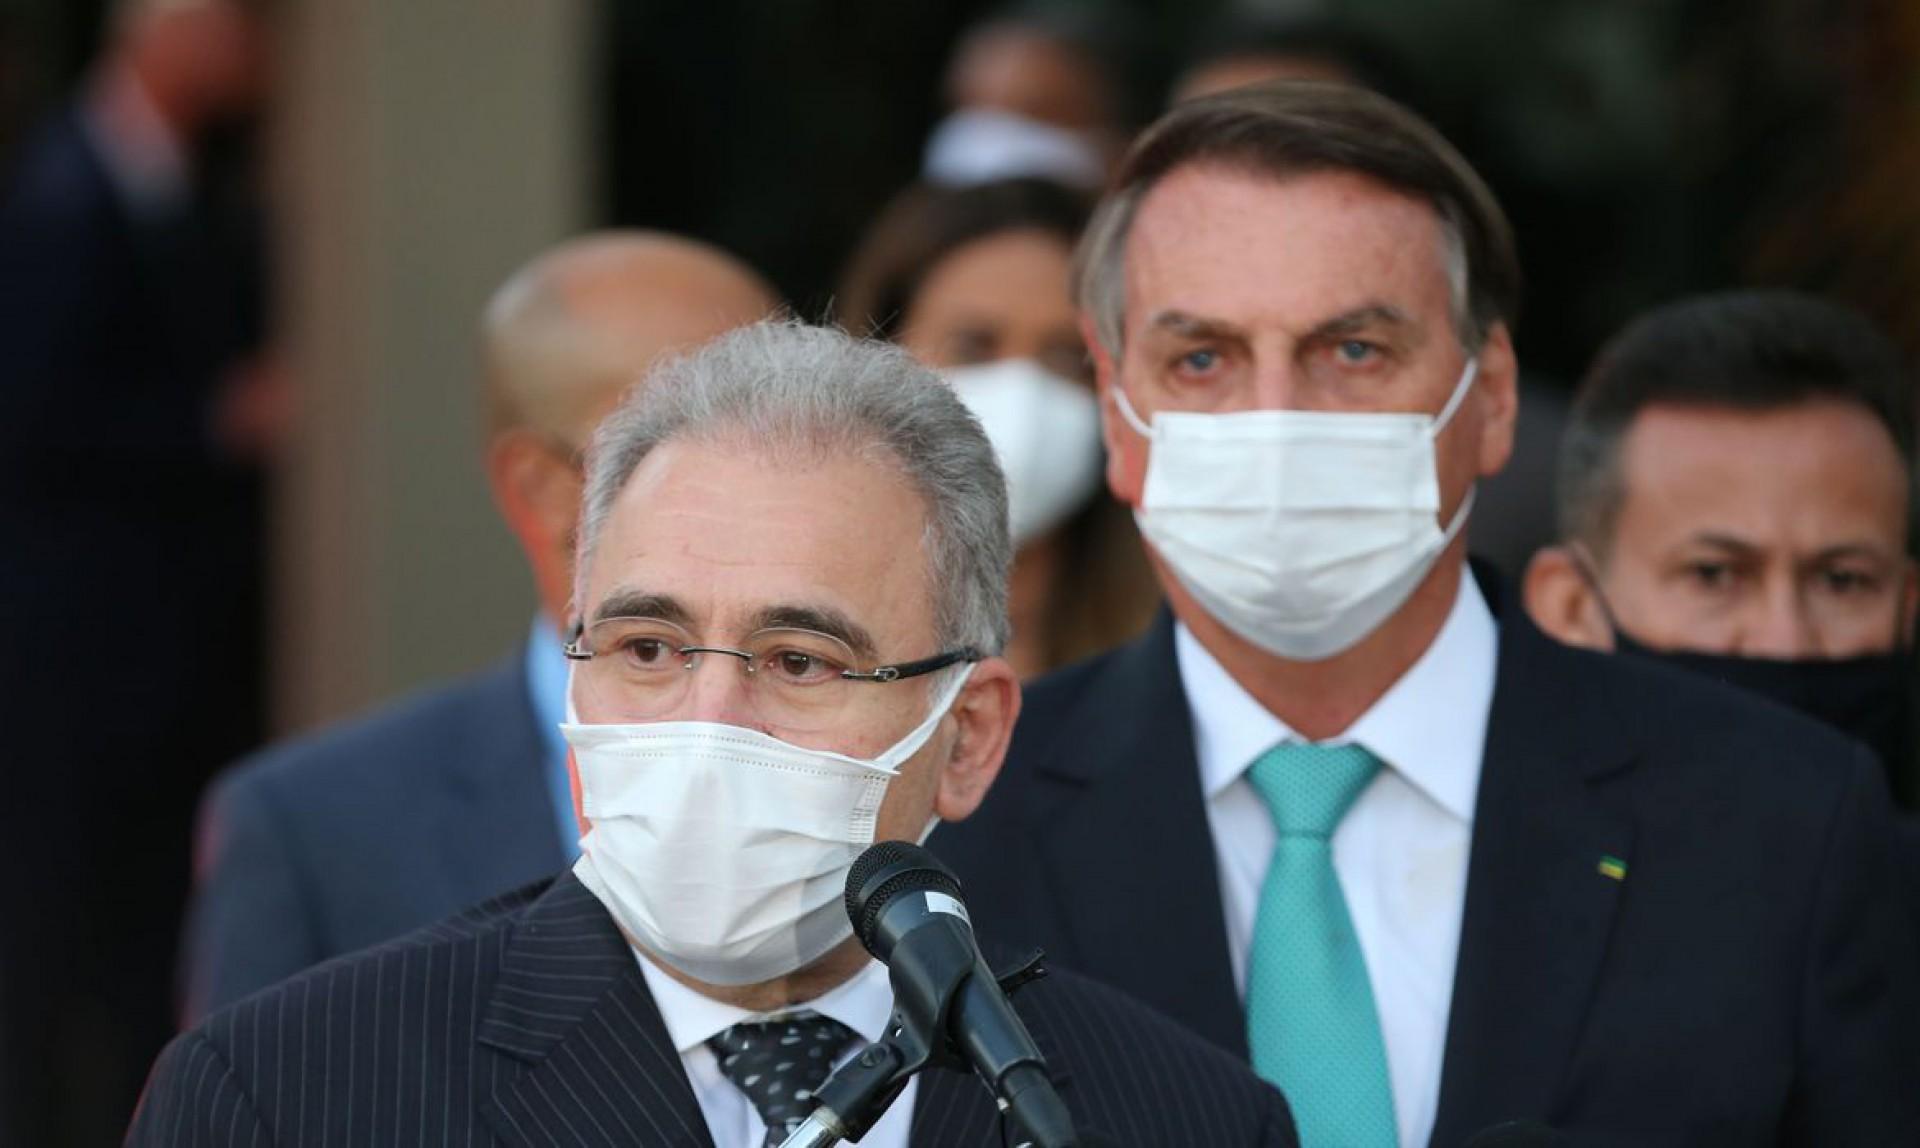 Queiroga e Bolsonaro: decisão drástica com bases frágeis (Foto: Fabio Rodrigues Pozzebom/Agência Brasil)